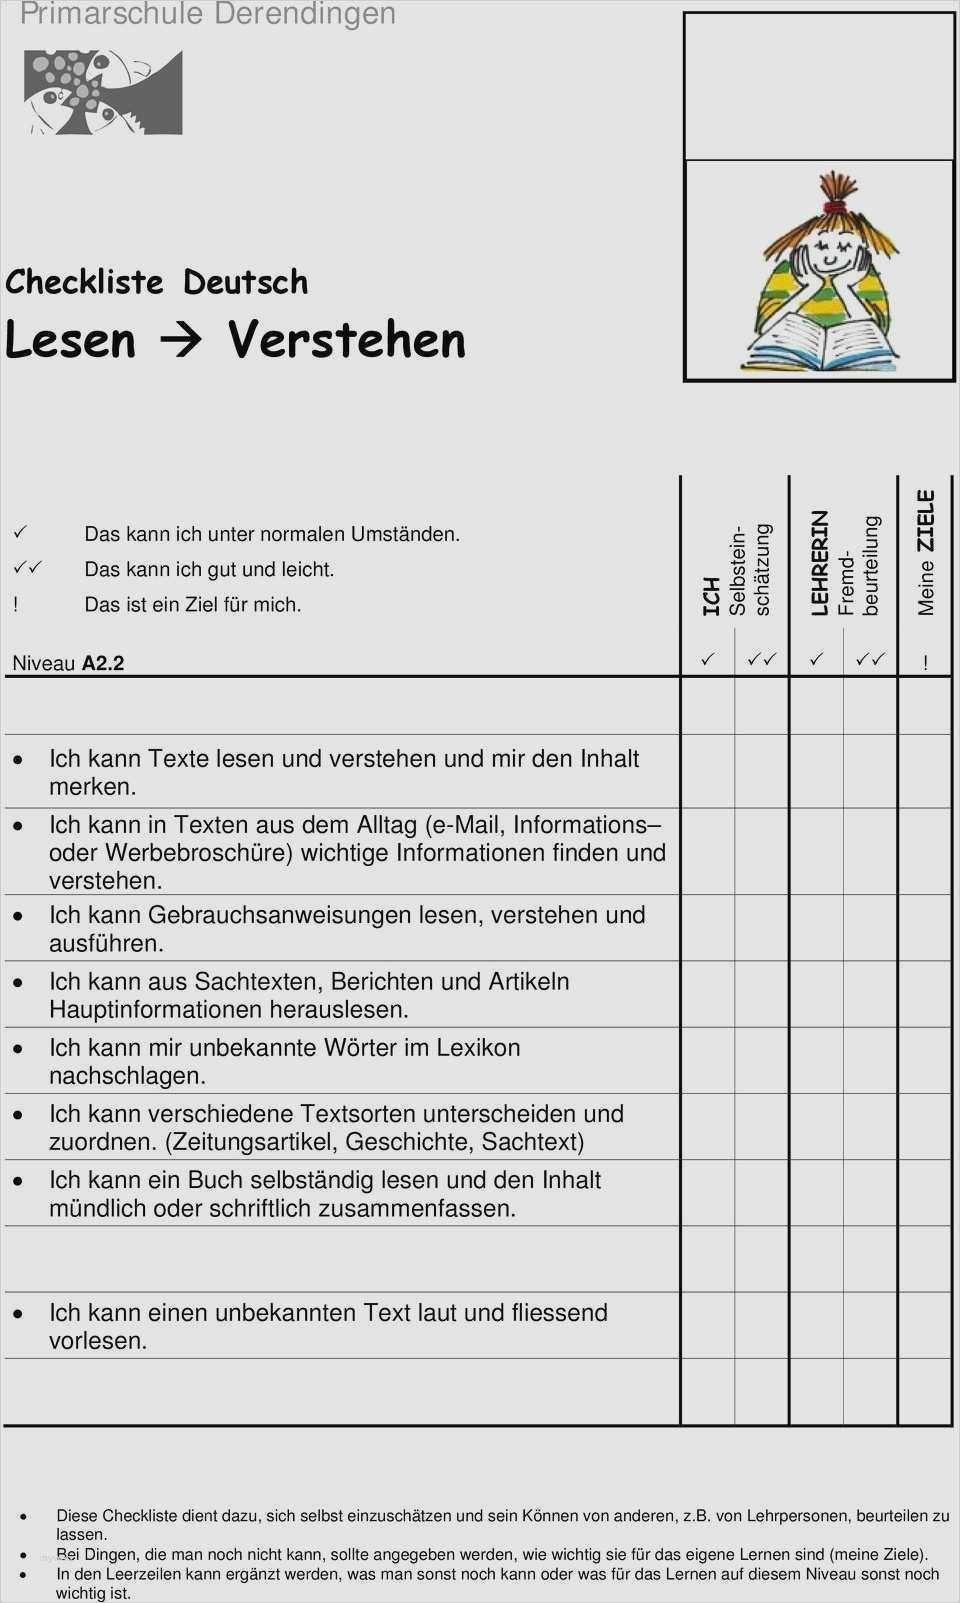 Betriebsanweisung Vorlage Word 29 Elegant Solche Konnen Anpassen In Ms Word In 2020 Vorlagen Word Businessplan Vorlage Lebenslaufvorlage